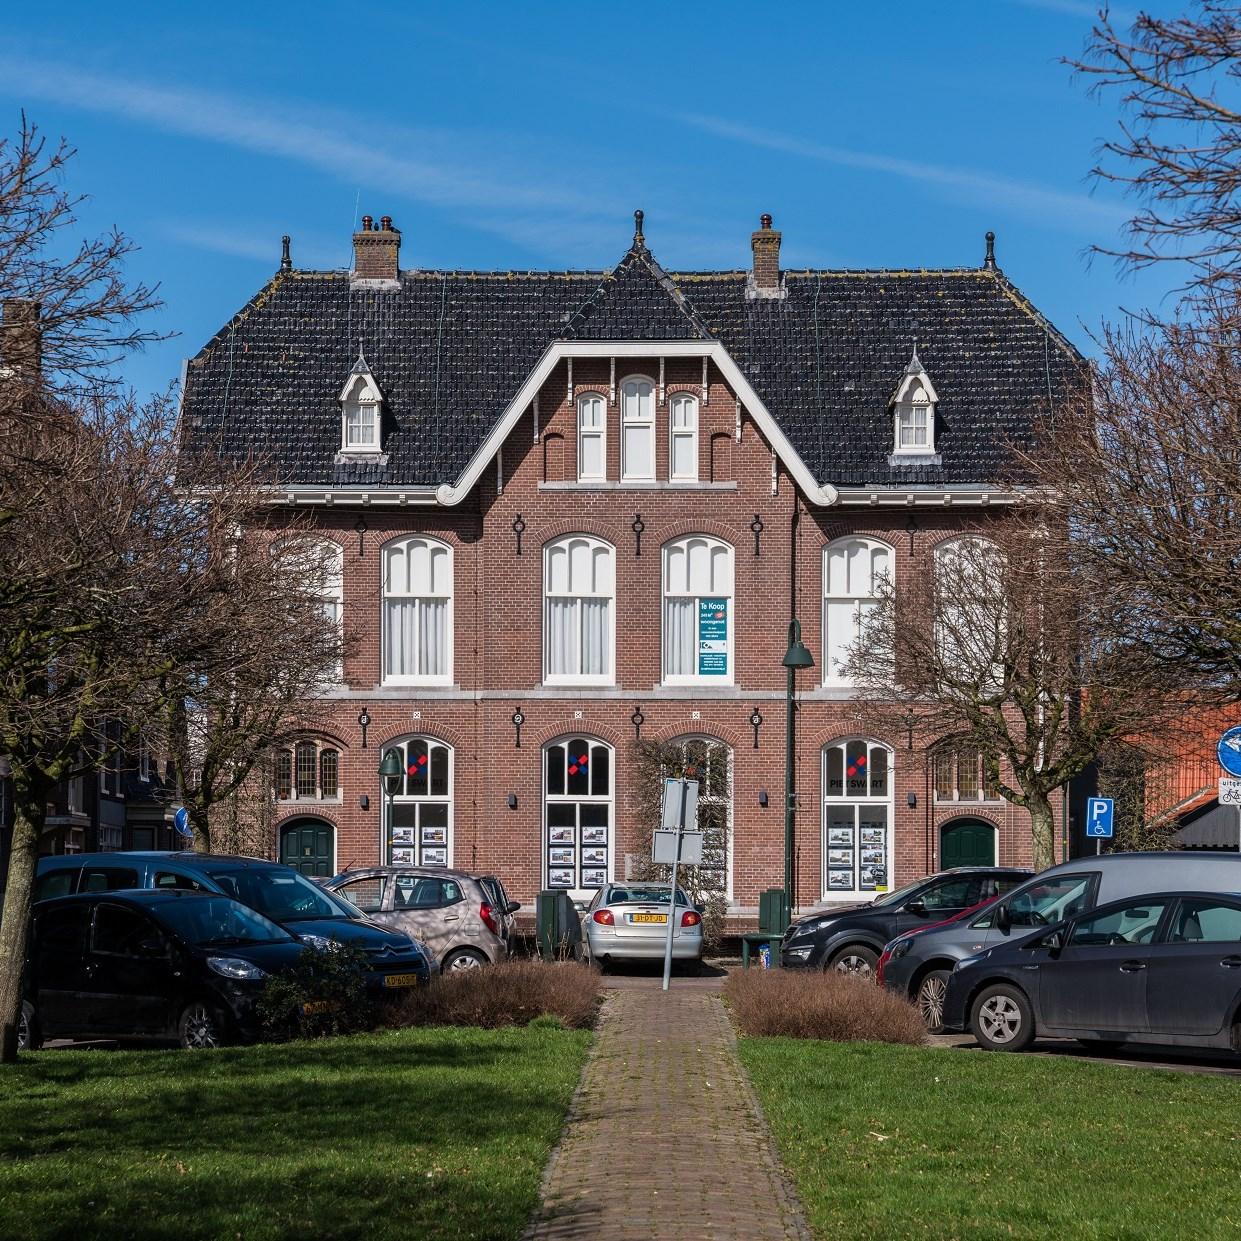 Piet Swart Vastgoed